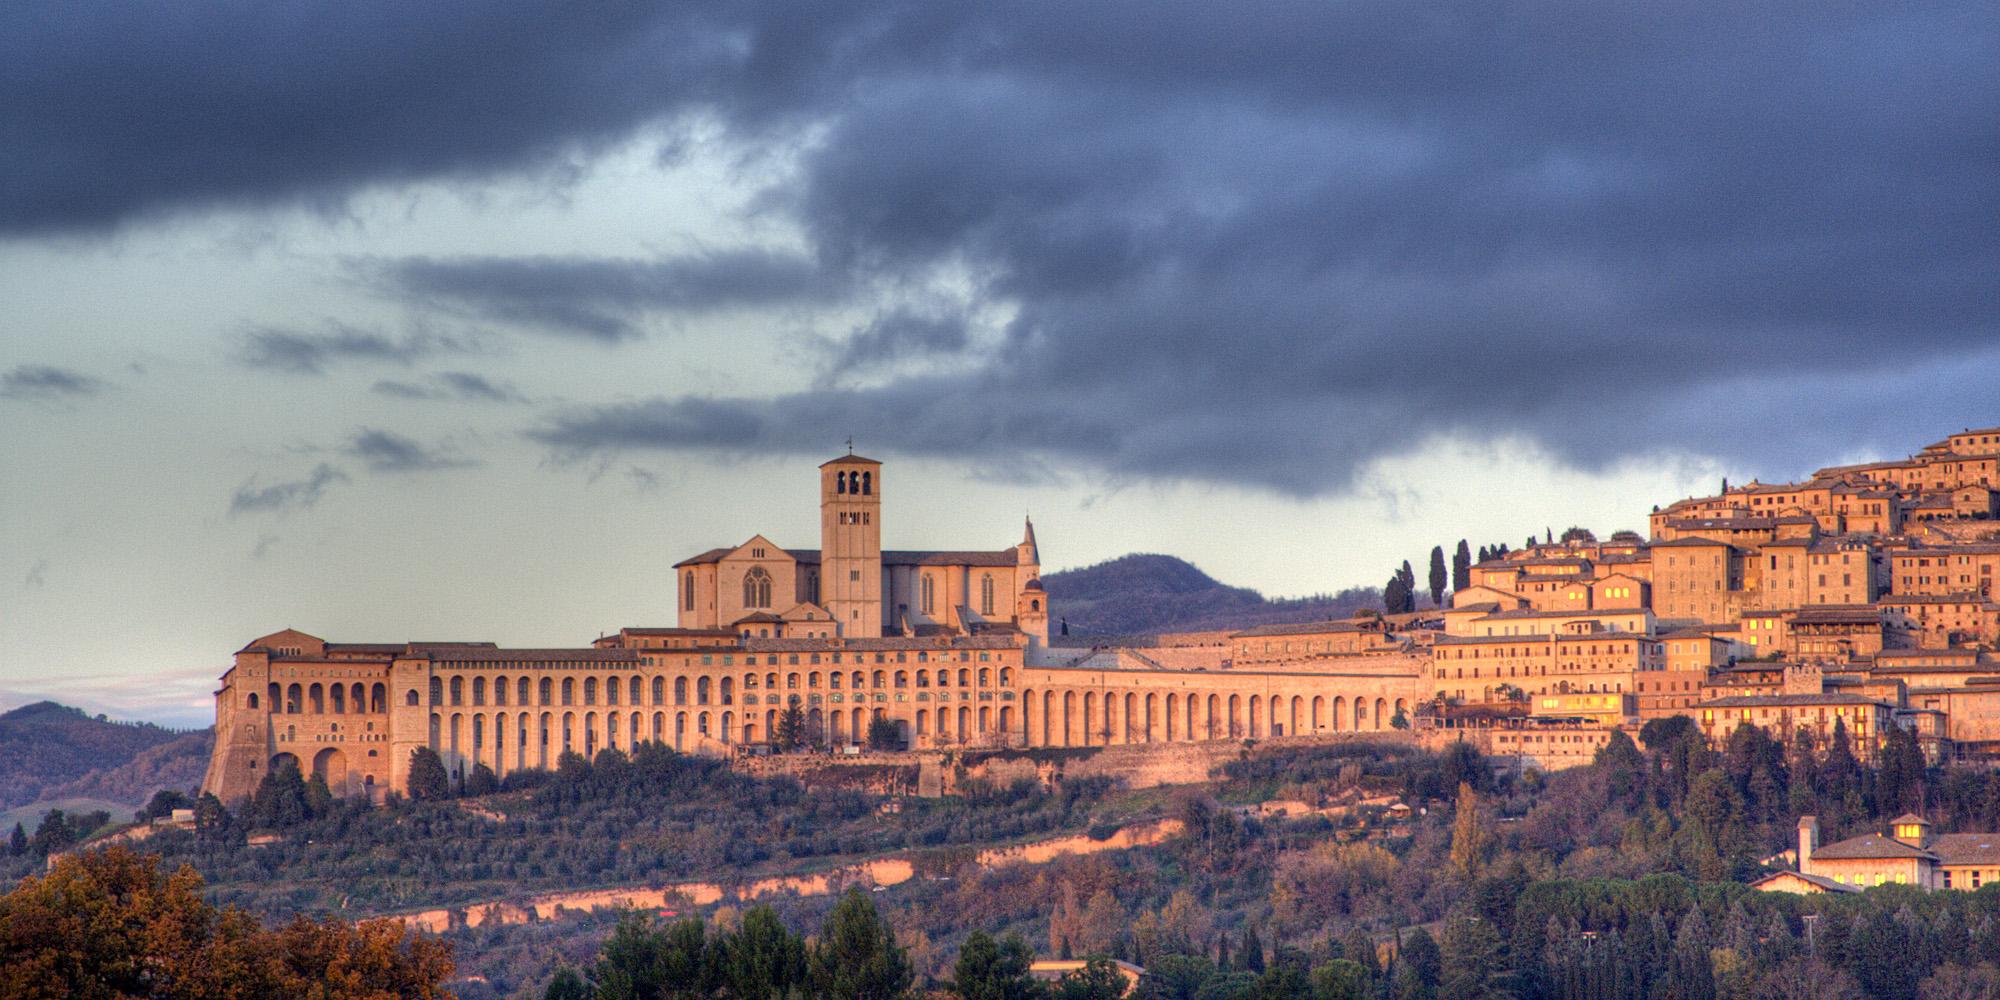 Assisi - Wikipedia